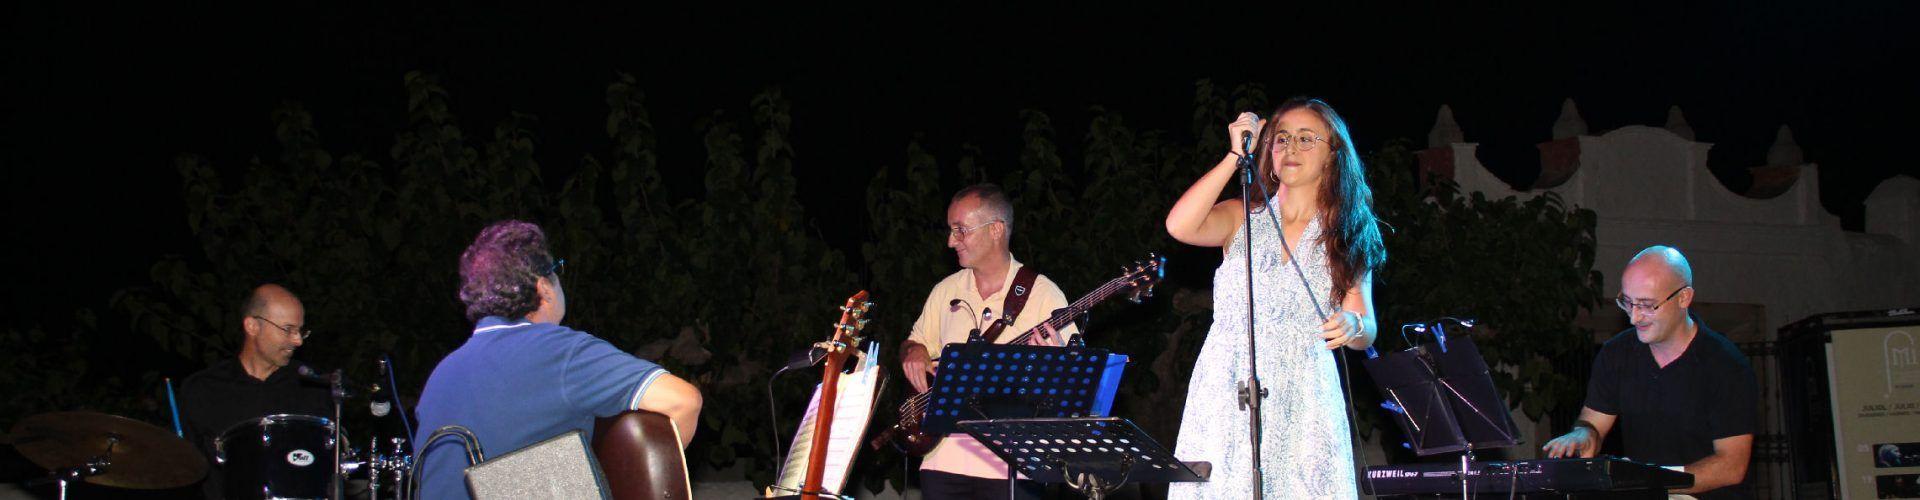 Jazz, bossa nova y blues desde Vinaròs y Benicarló con Jàssera